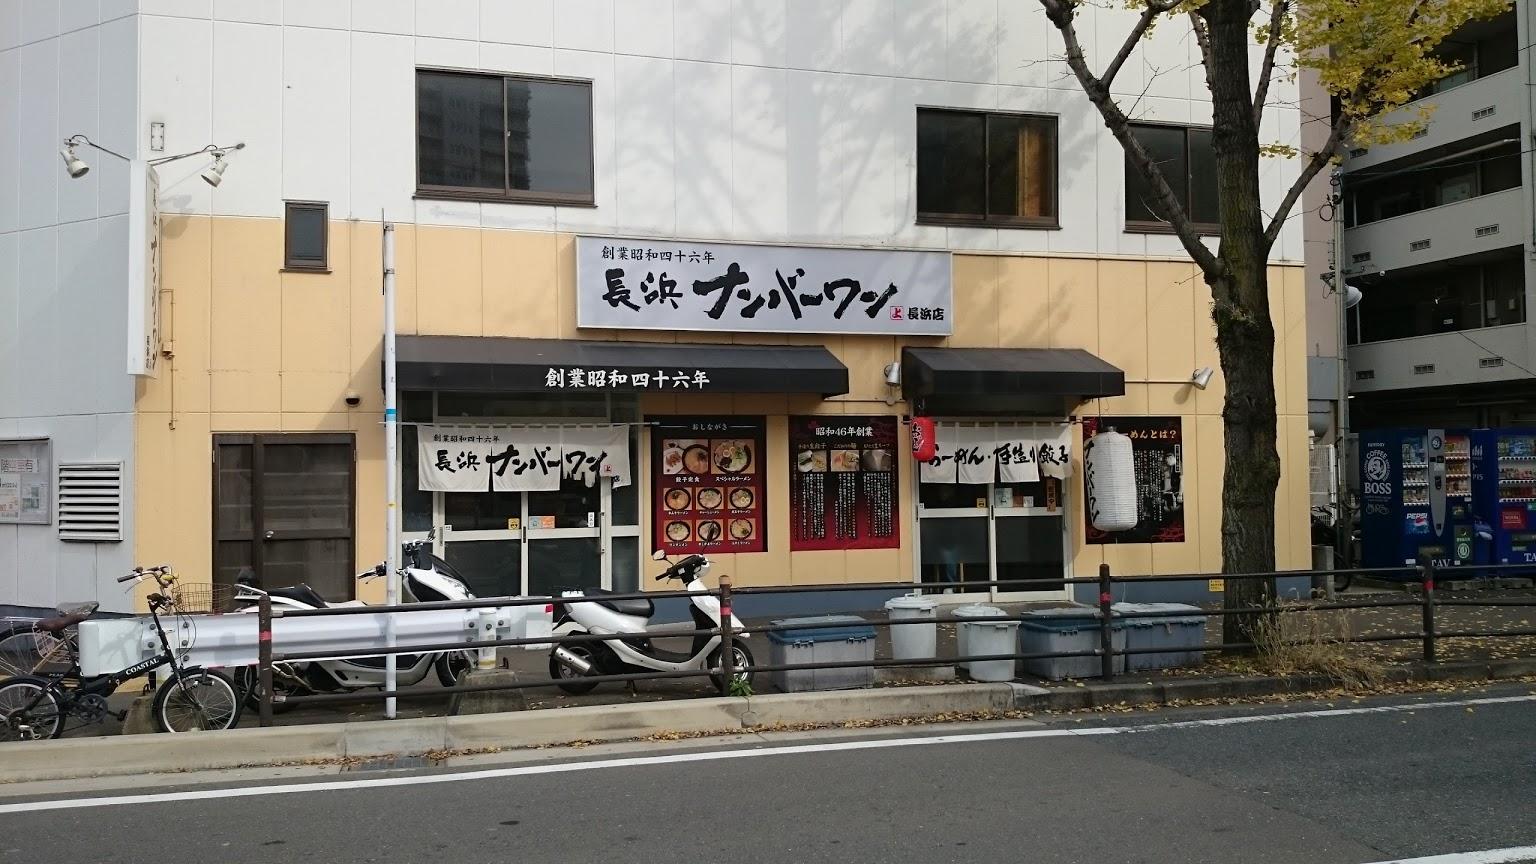 (Google 번역) 후쿠오카에 왔을 때는 반드시 먹으러 온다. 그리운 맛으로 기쁘다.  (원본) 福岡に来たときは必ず食べに来ます。懐かしい味でうれしい。